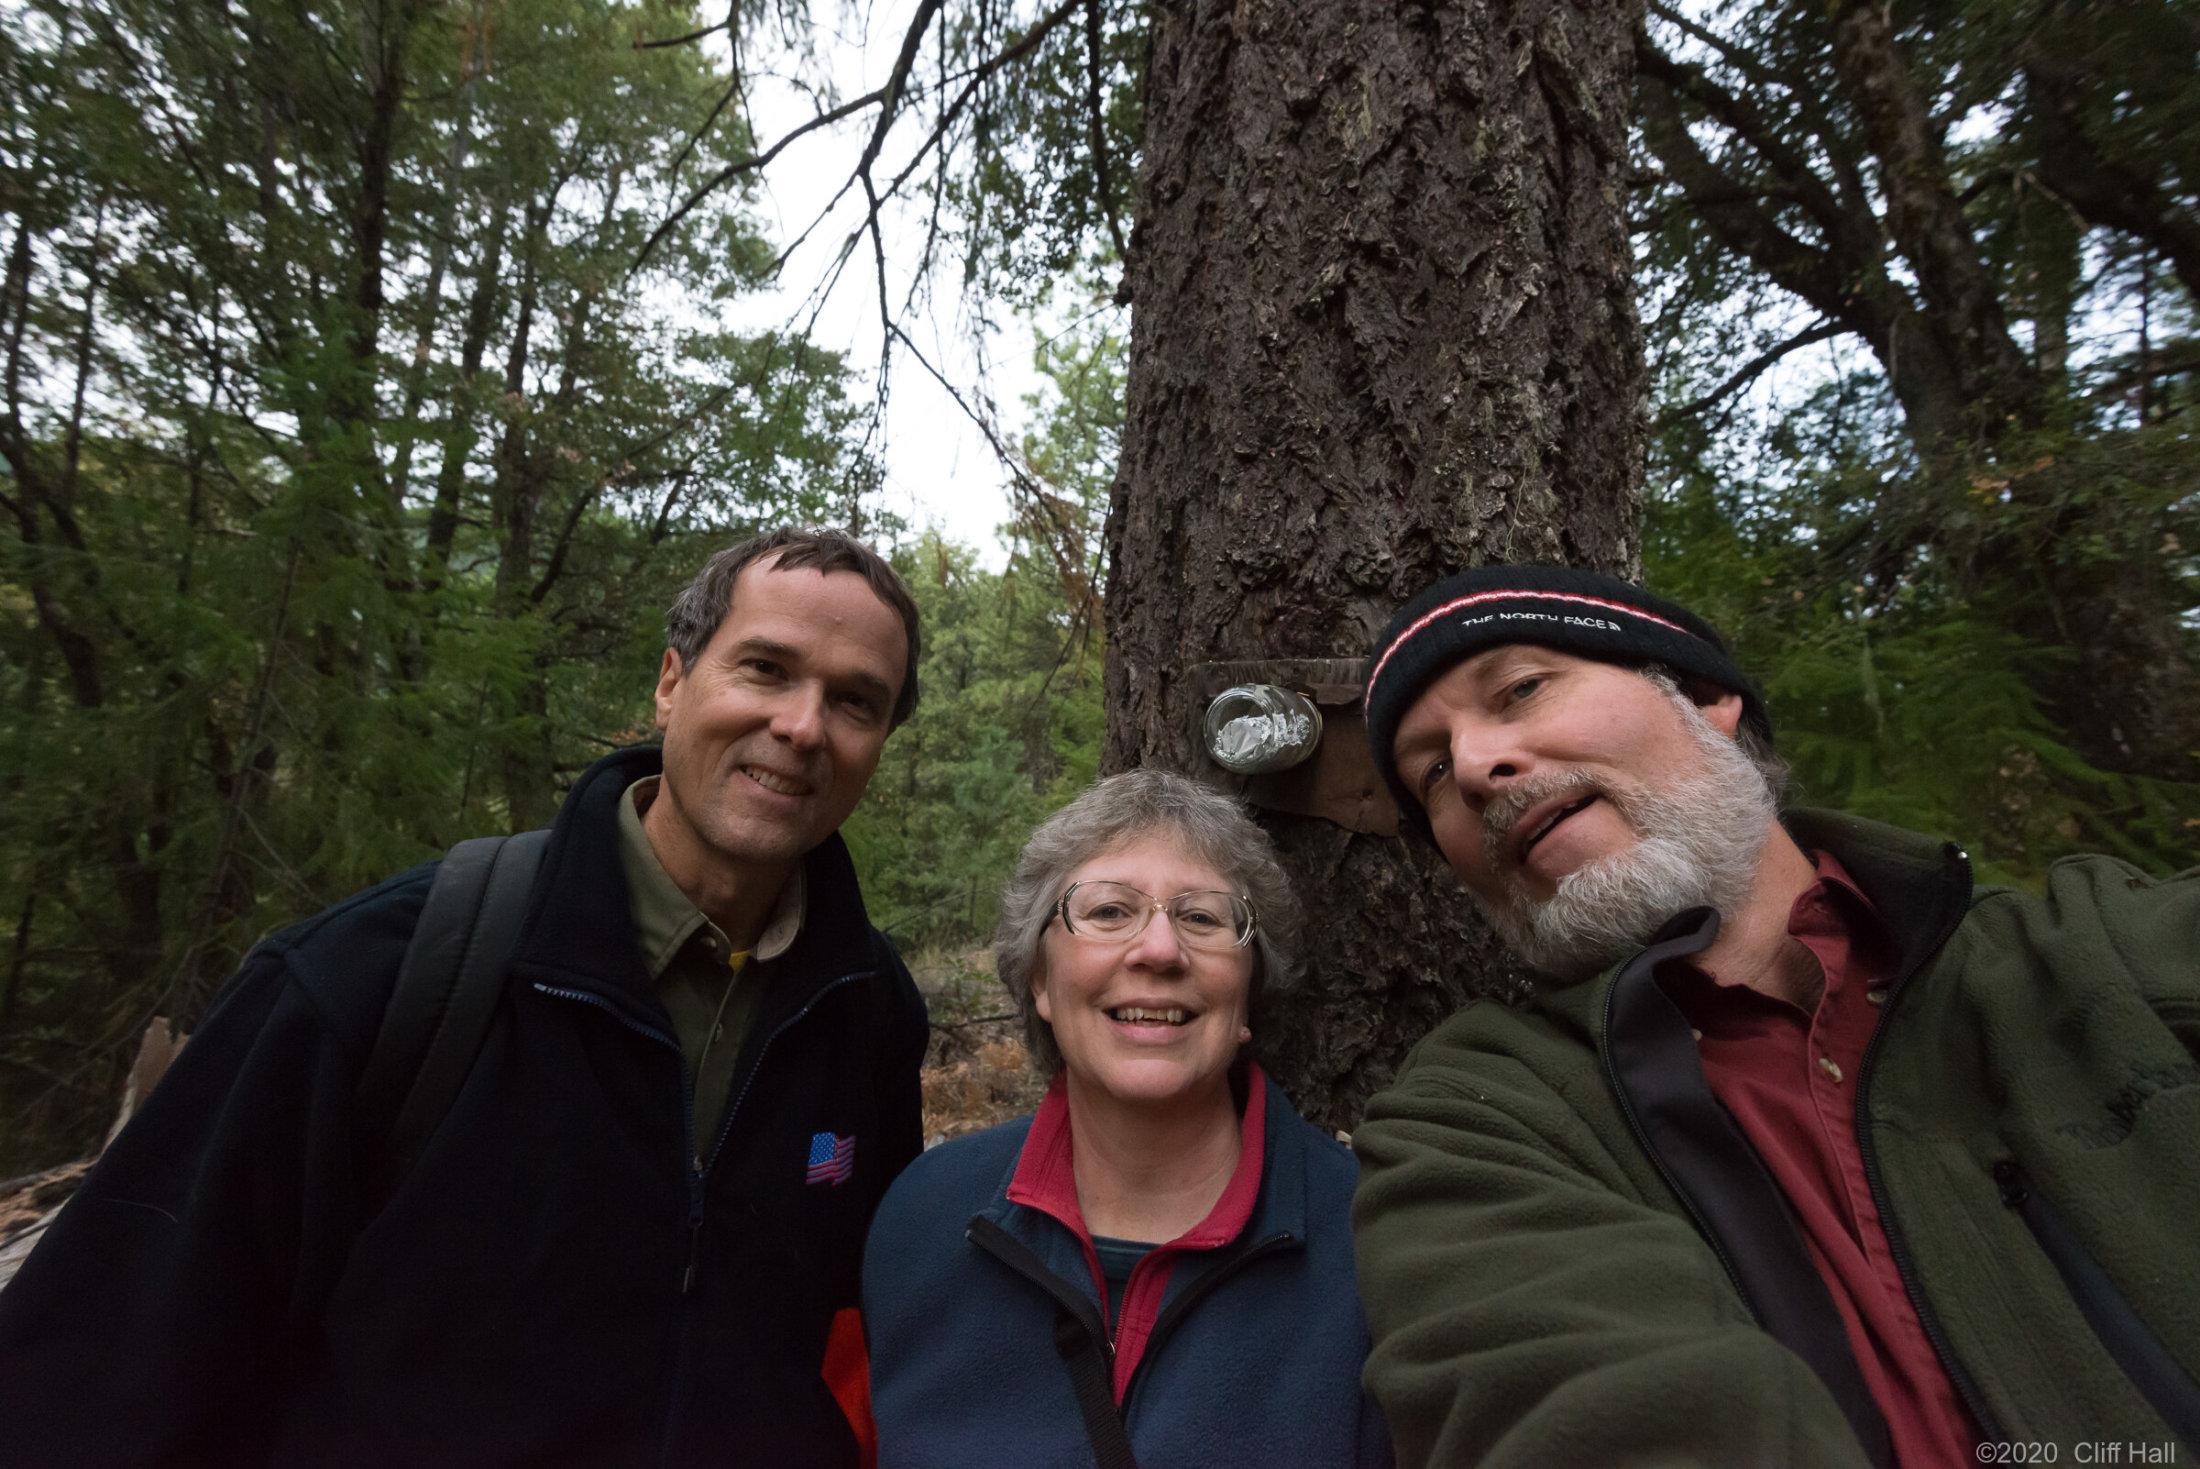 Karl, Susan and Cliff at main claim marker